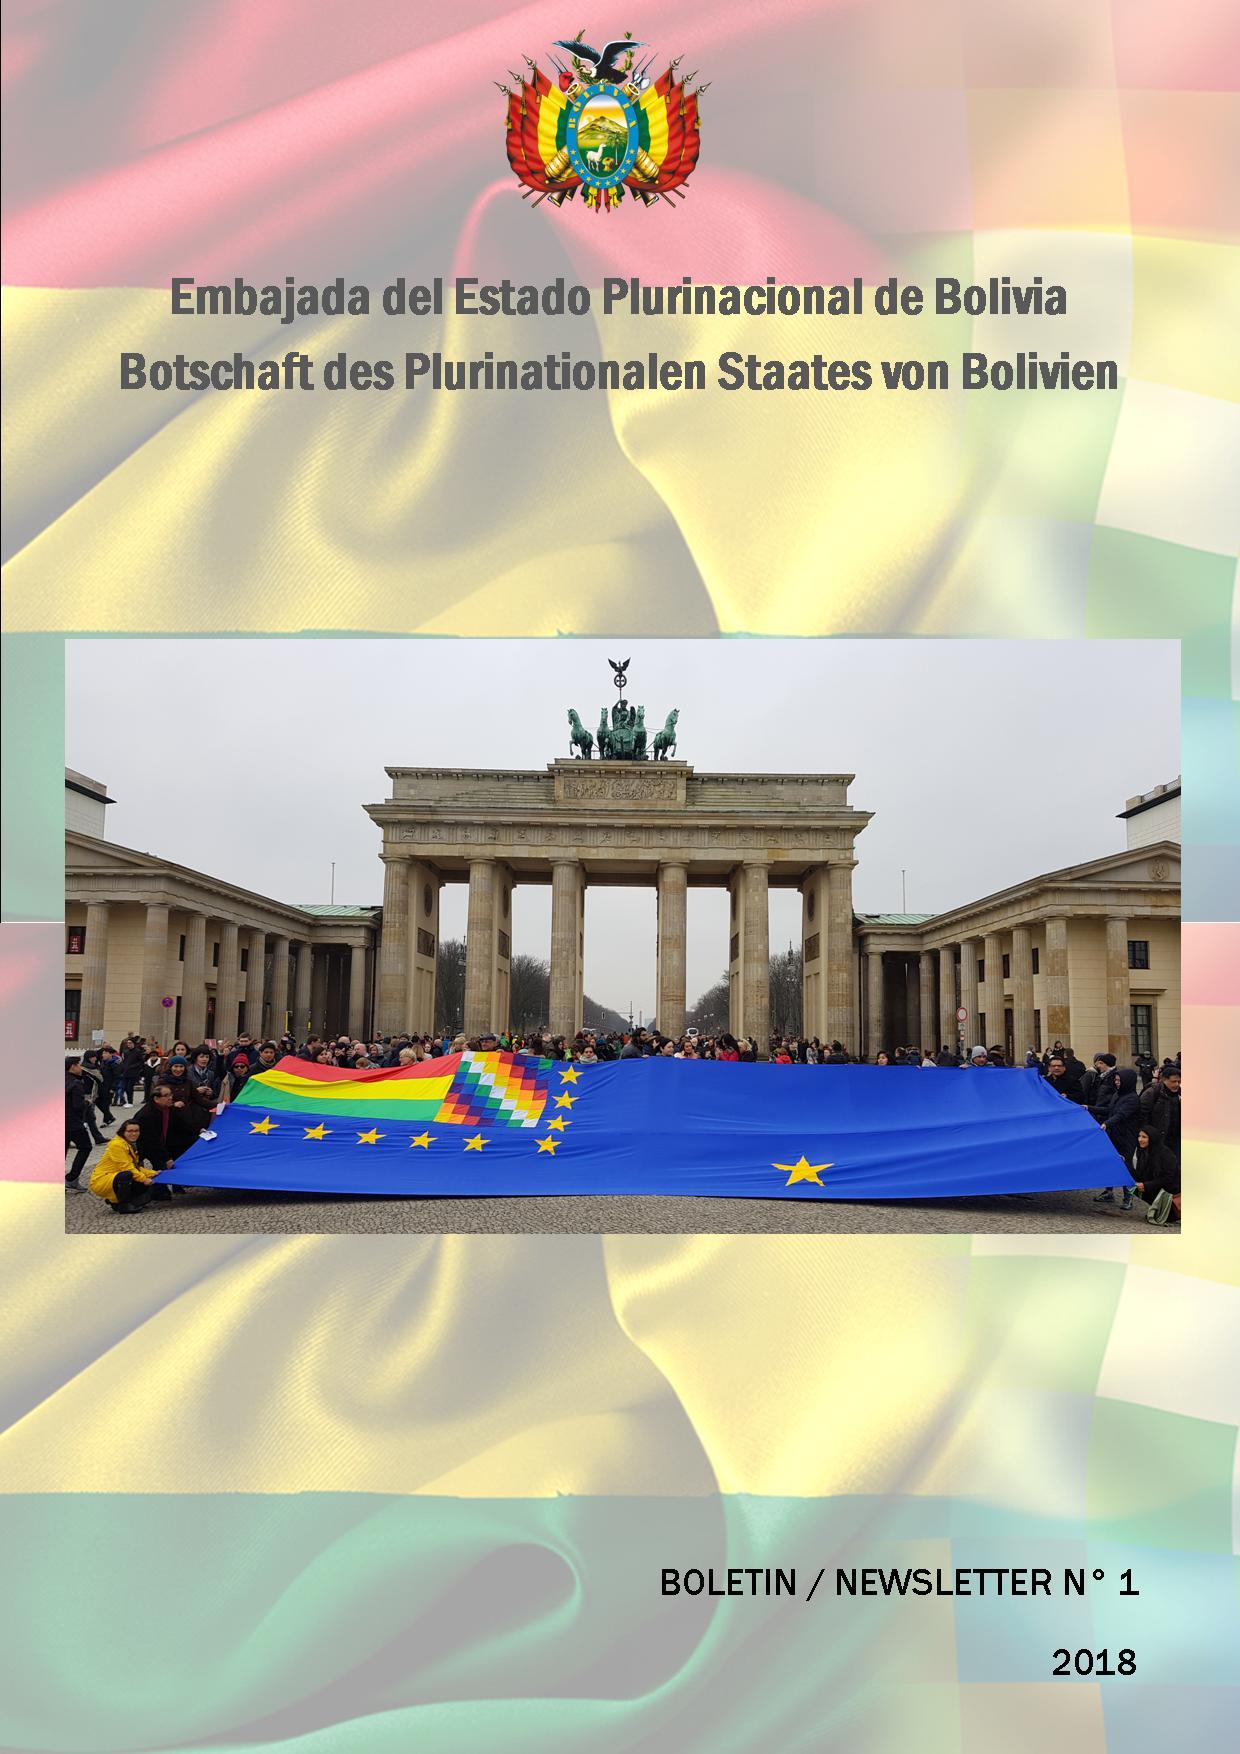 Botschaft des Plurinationalen Staates - Bolivien in Deutschland